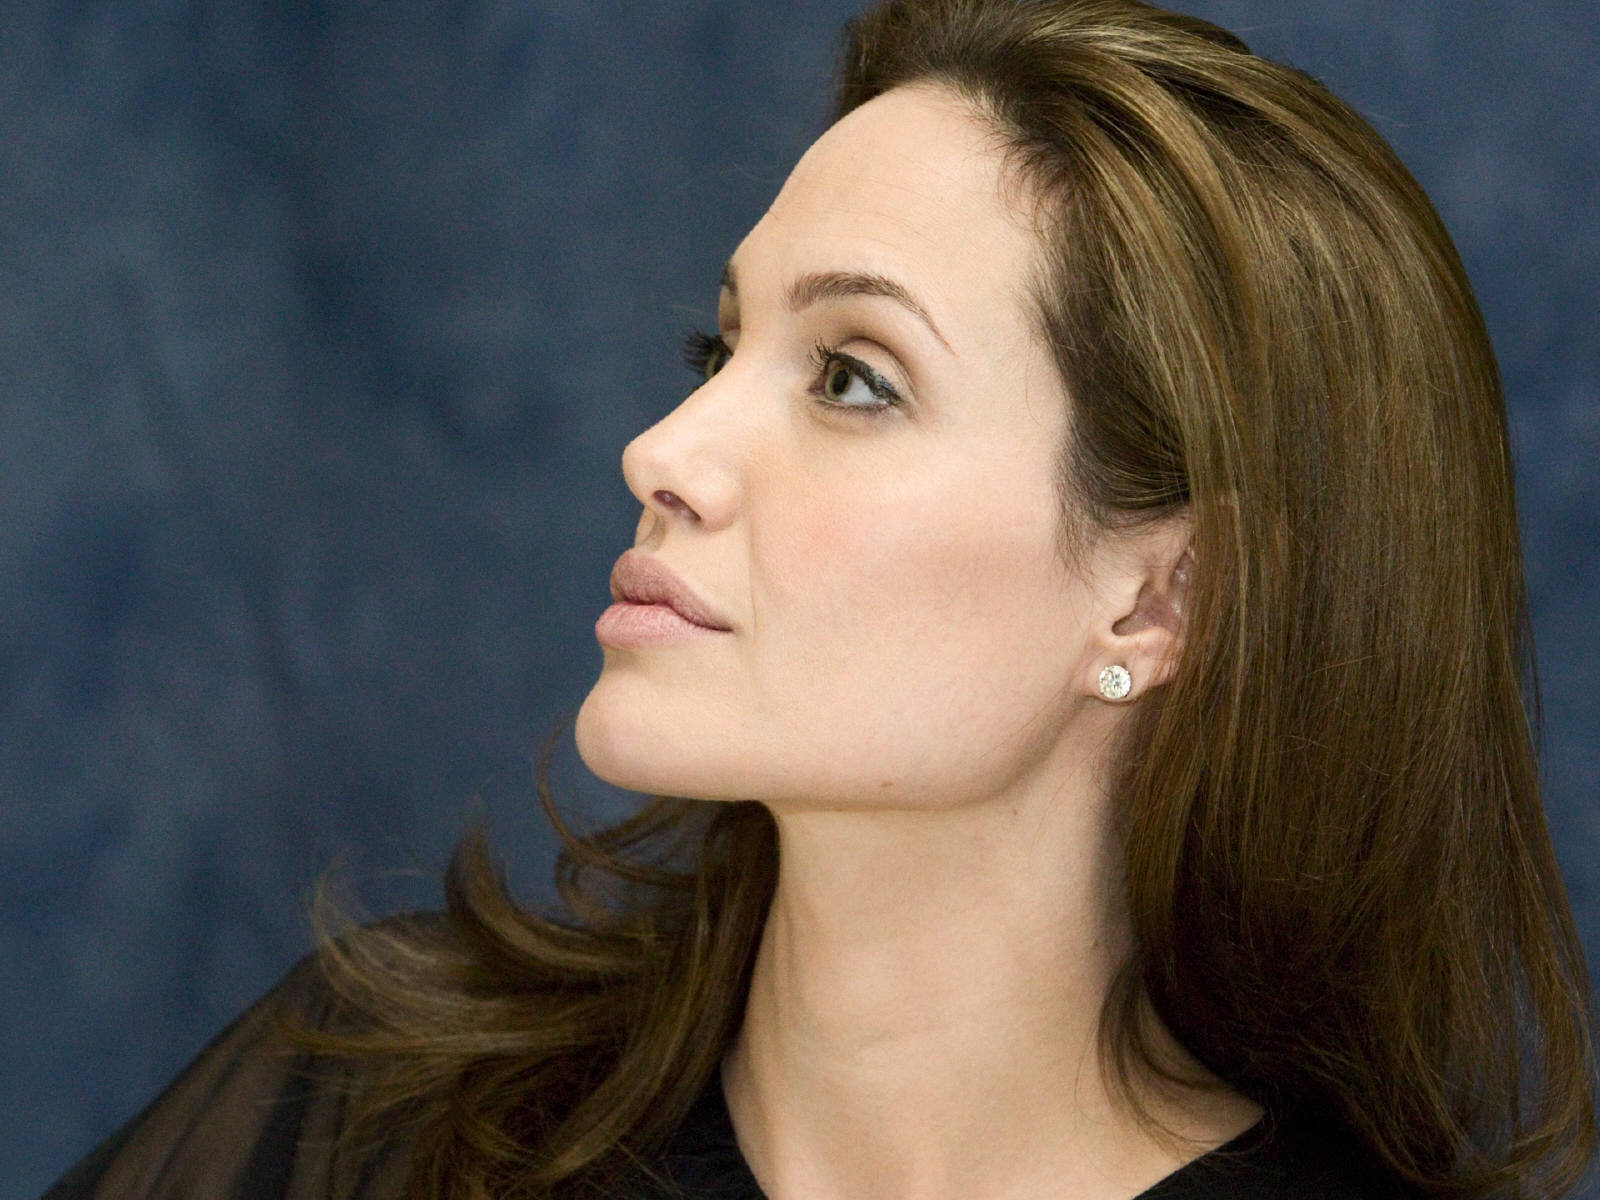 imagens para celular da jolie - Pessoas Meninas Atores Angelina Jolie #33193